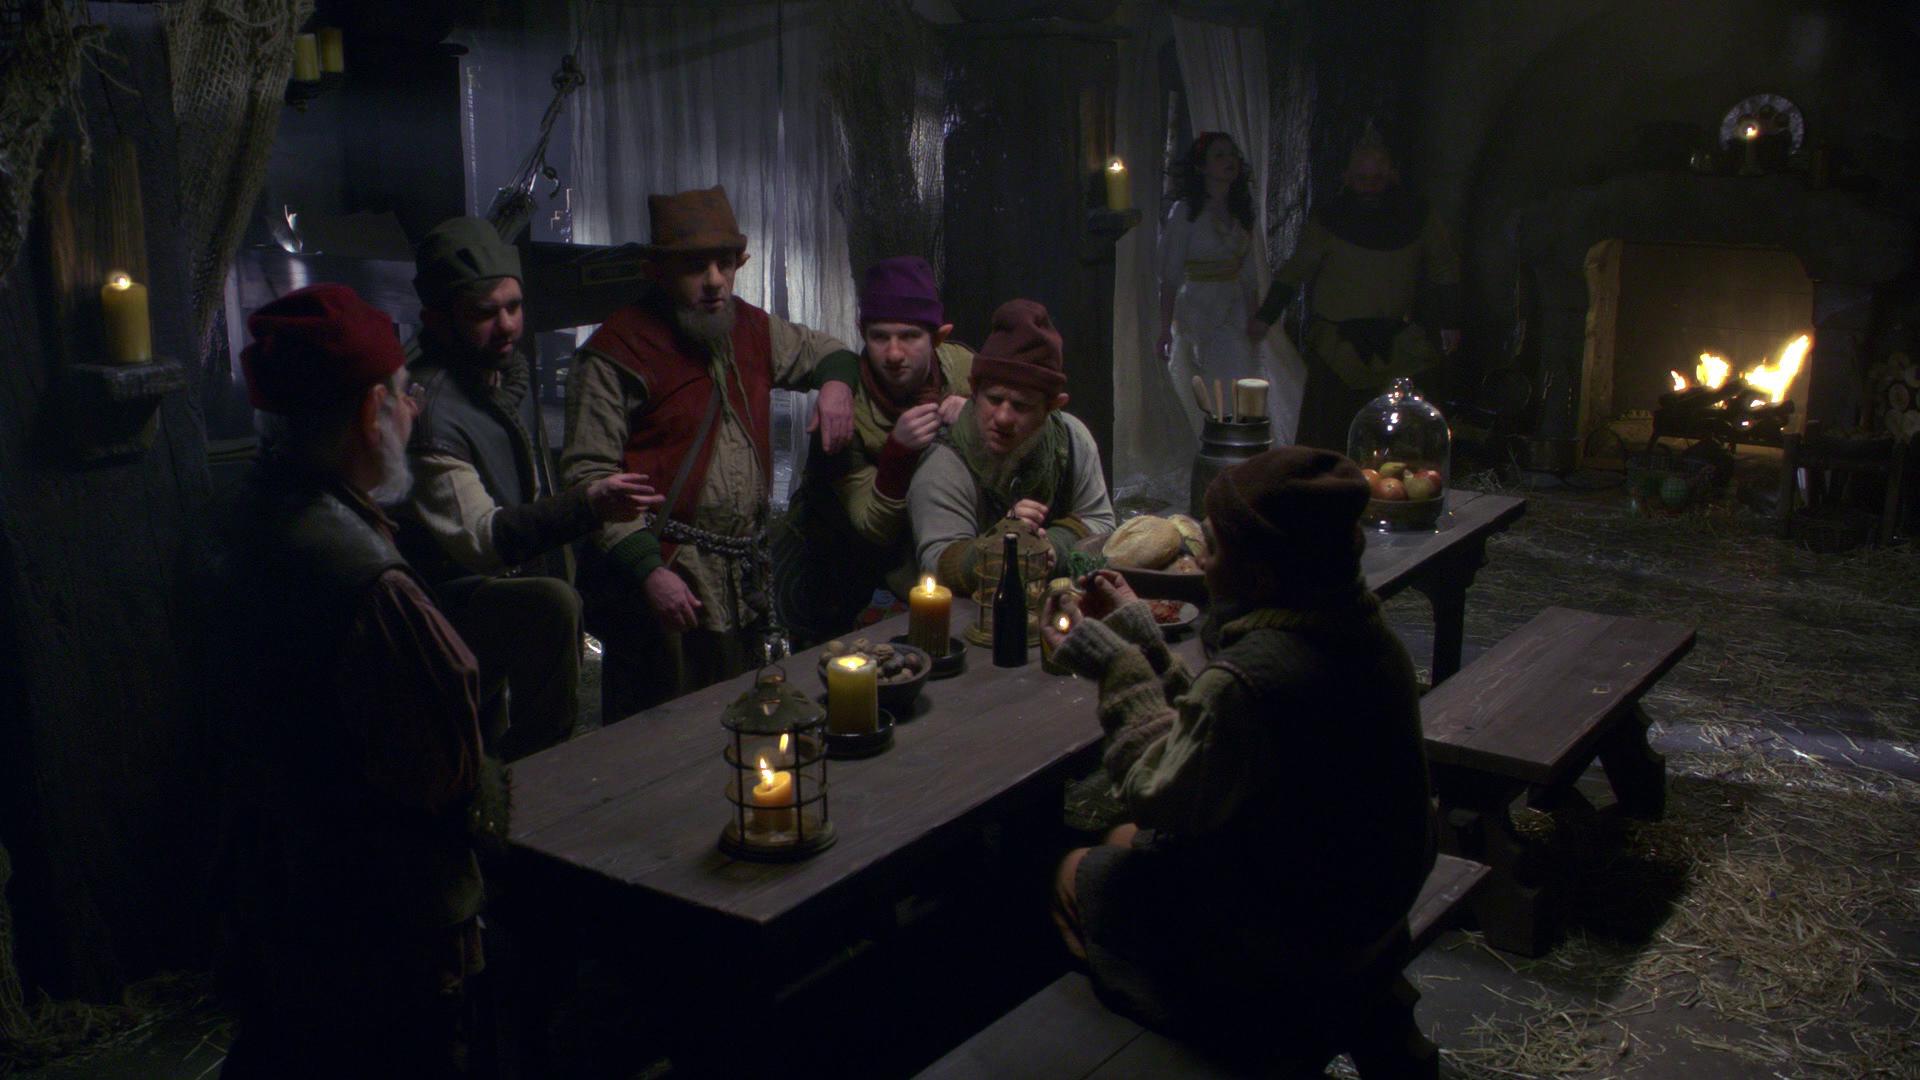 Dwarves' Cottage